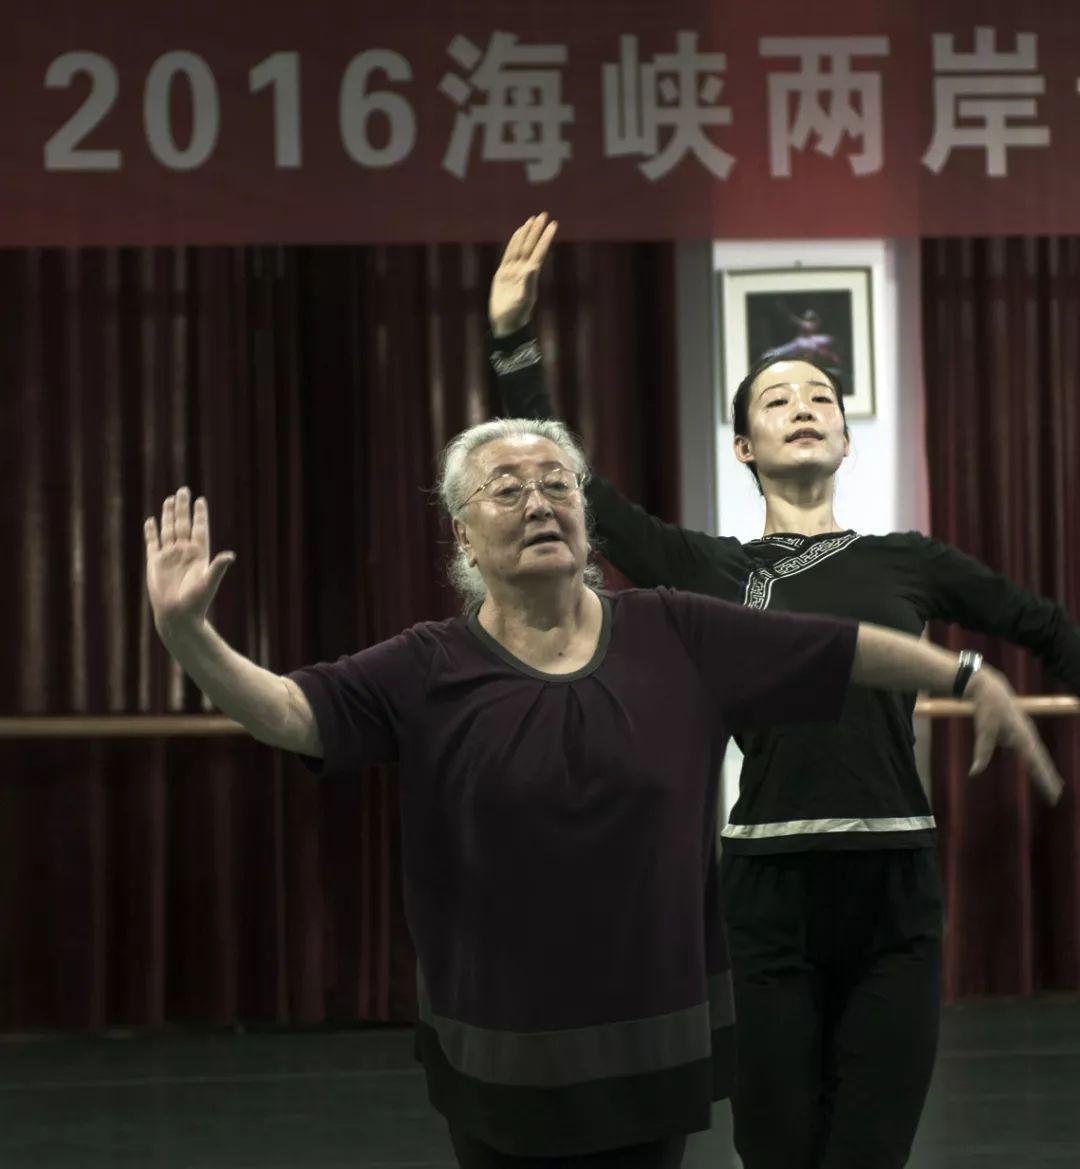 内蒙古舞蹈名家系列之——斯琴塔日哈 第17张 内蒙古舞蹈名家系列之——斯琴塔日哈 蒙古文化